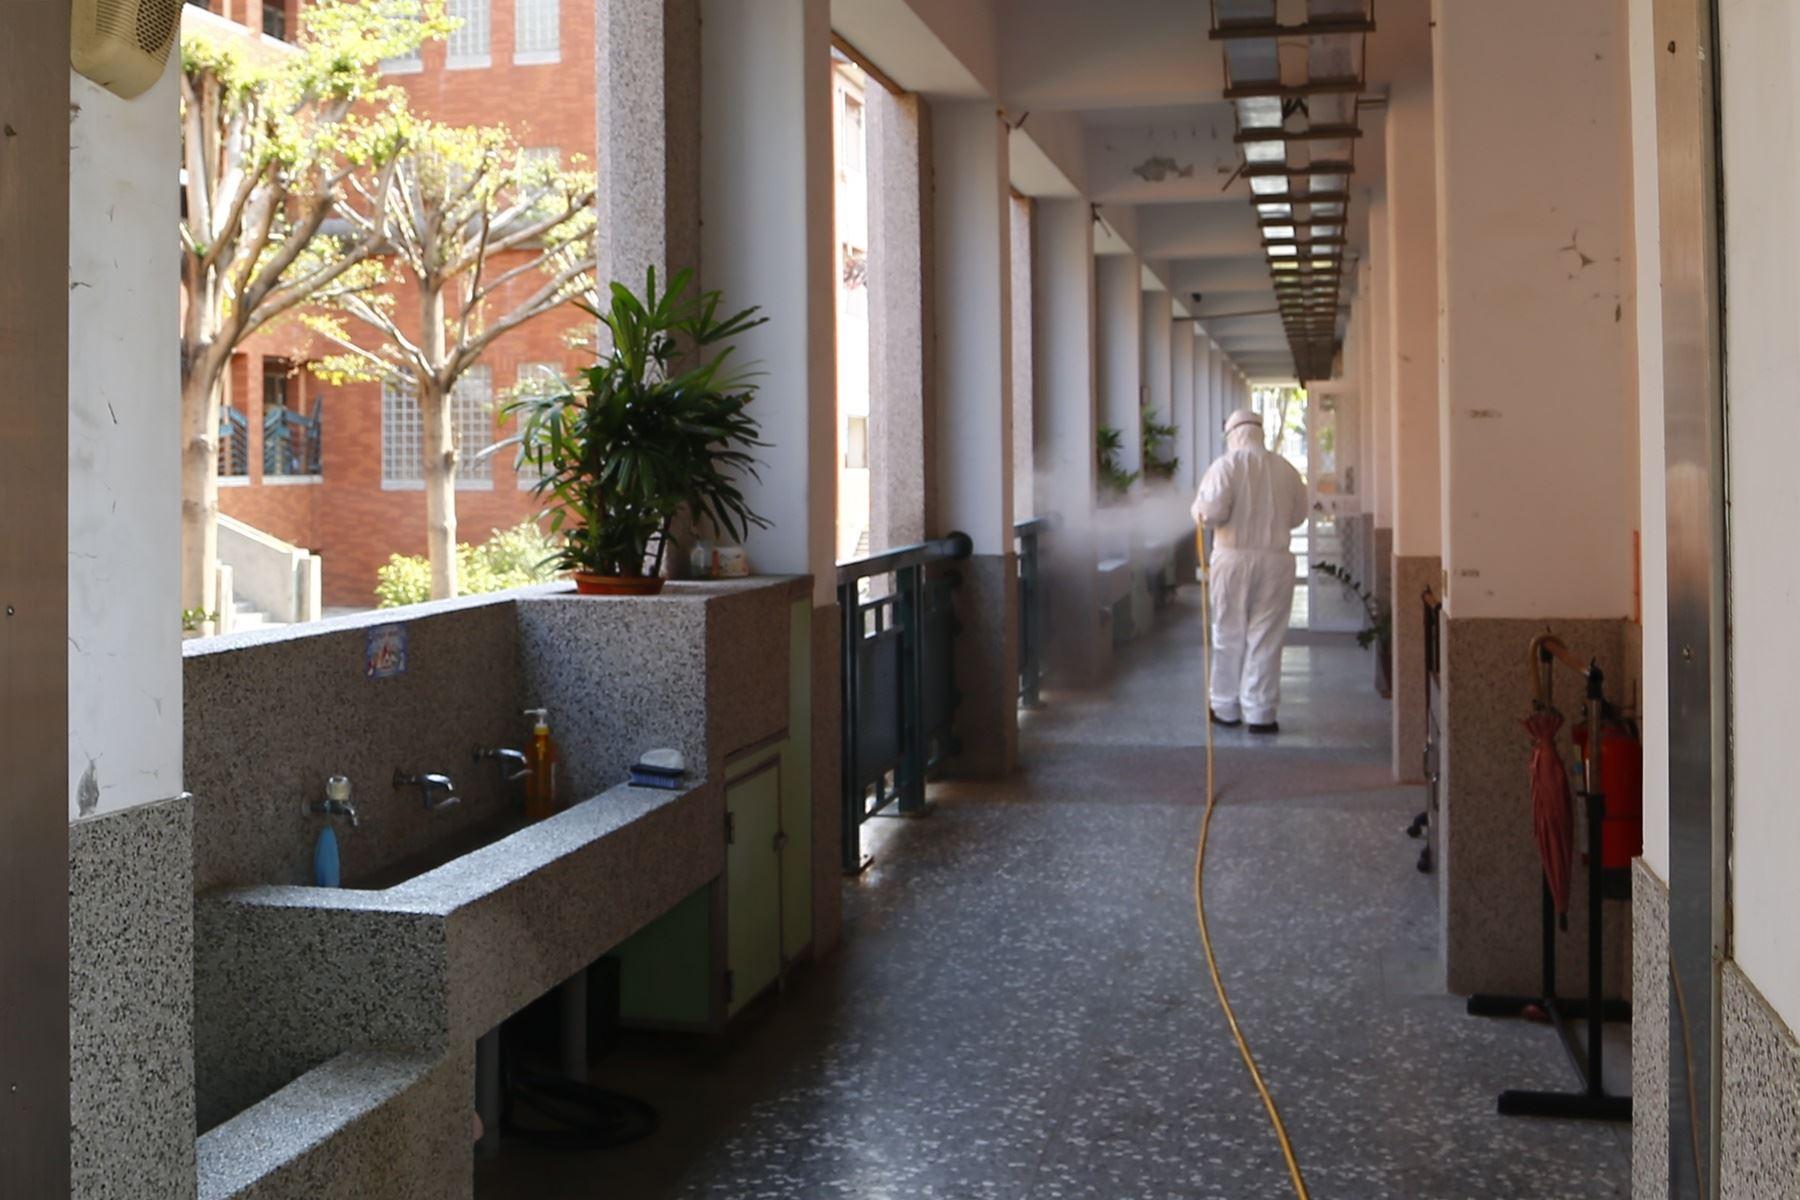 開學在即,清潔隊人員協助苗栗市校園消毒工作!